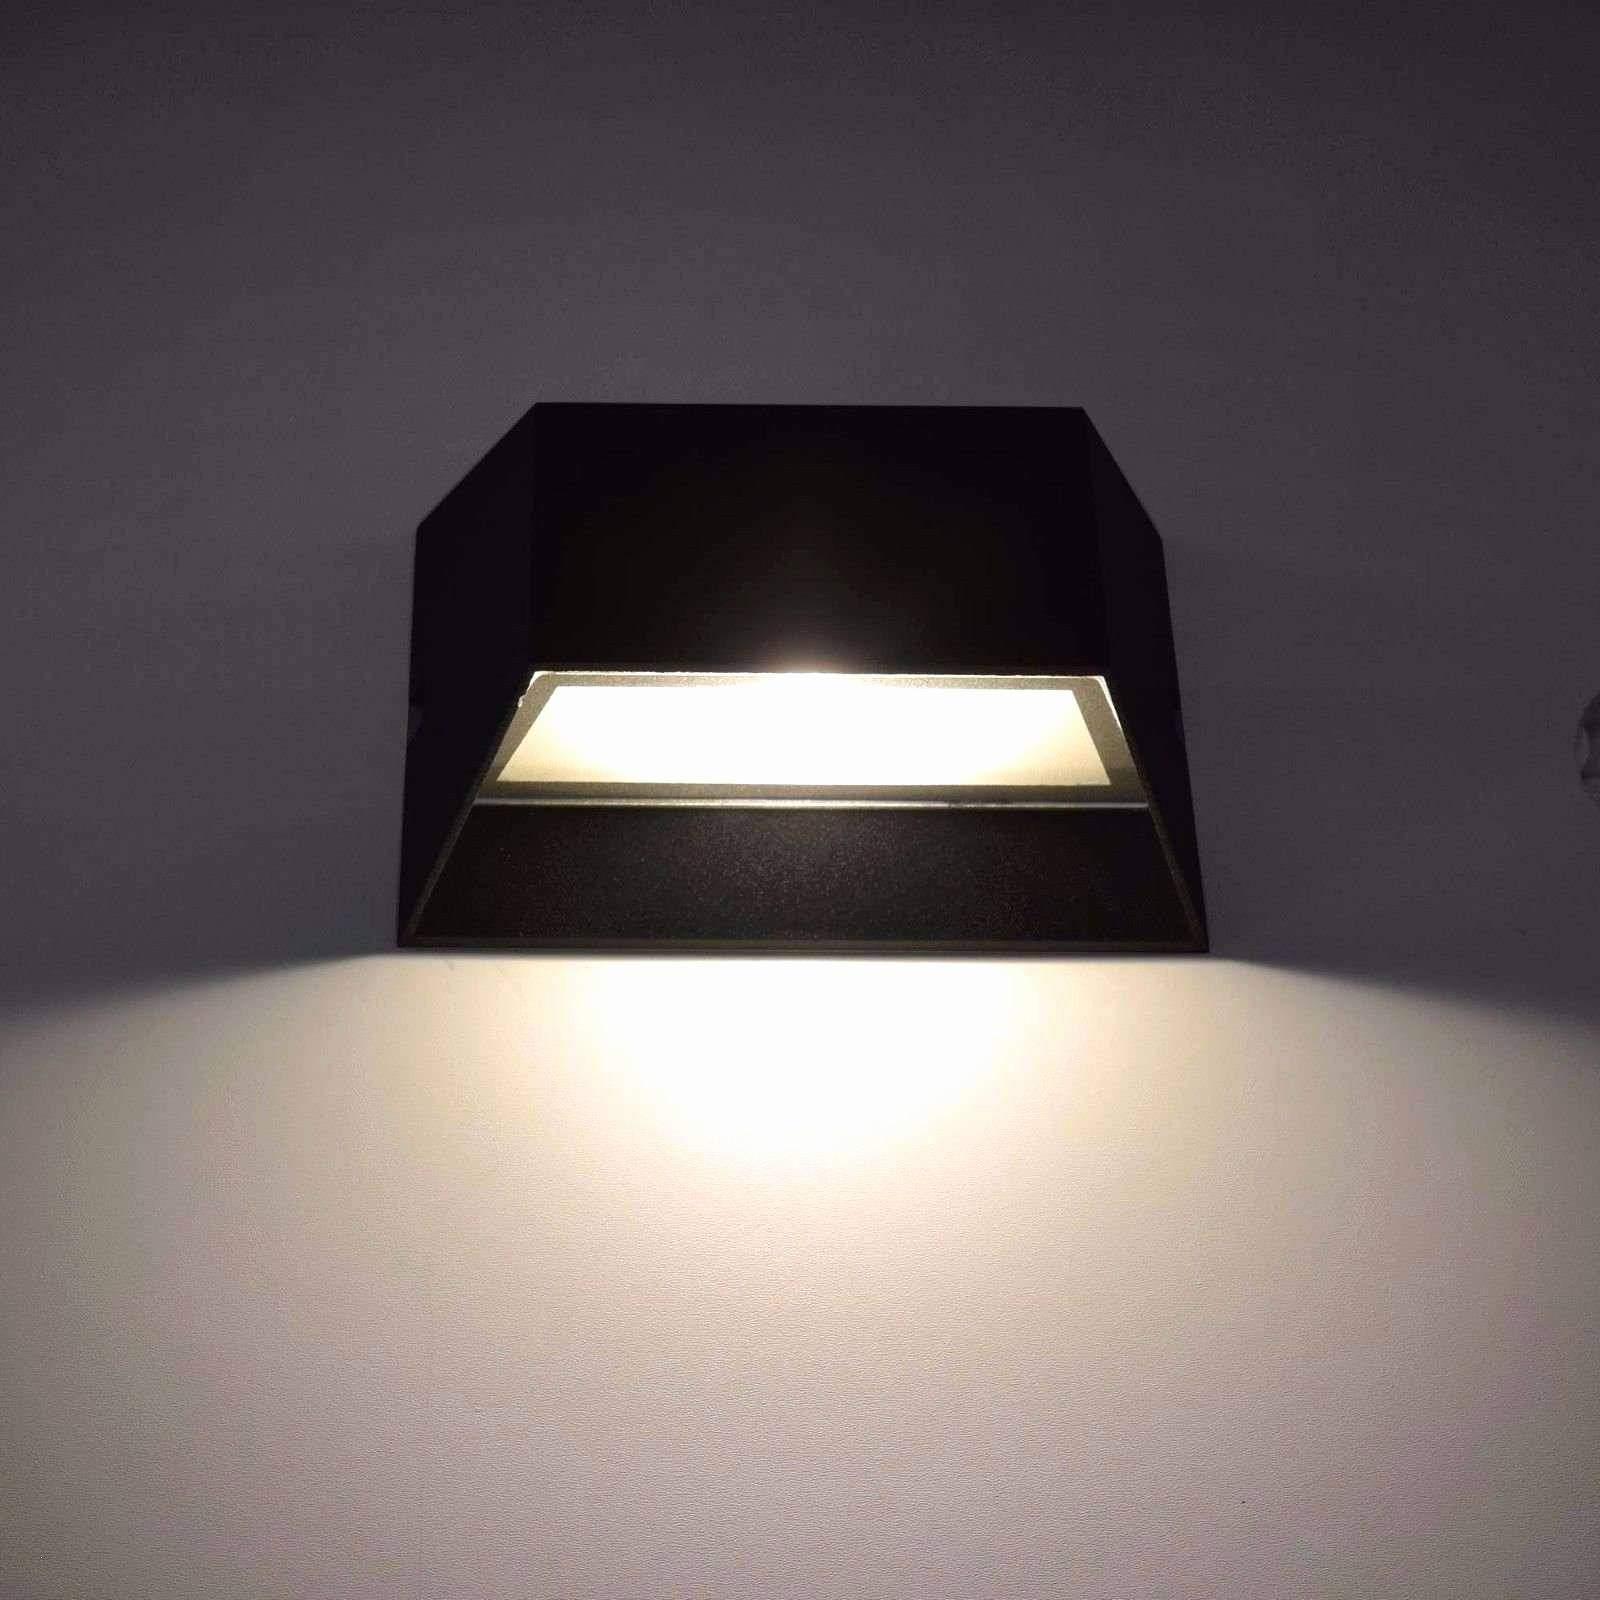 Full Size of Tiwohnzimmer Inspirierend Selber Wohnzimmer Led Lampe Sideboard Beleuchtung Fototapeten Dekoration Relaxliege Vorhang Gardinen Für Deckenleuchten Rollo Wohnzimmer Tischlampe Wohnzimmer